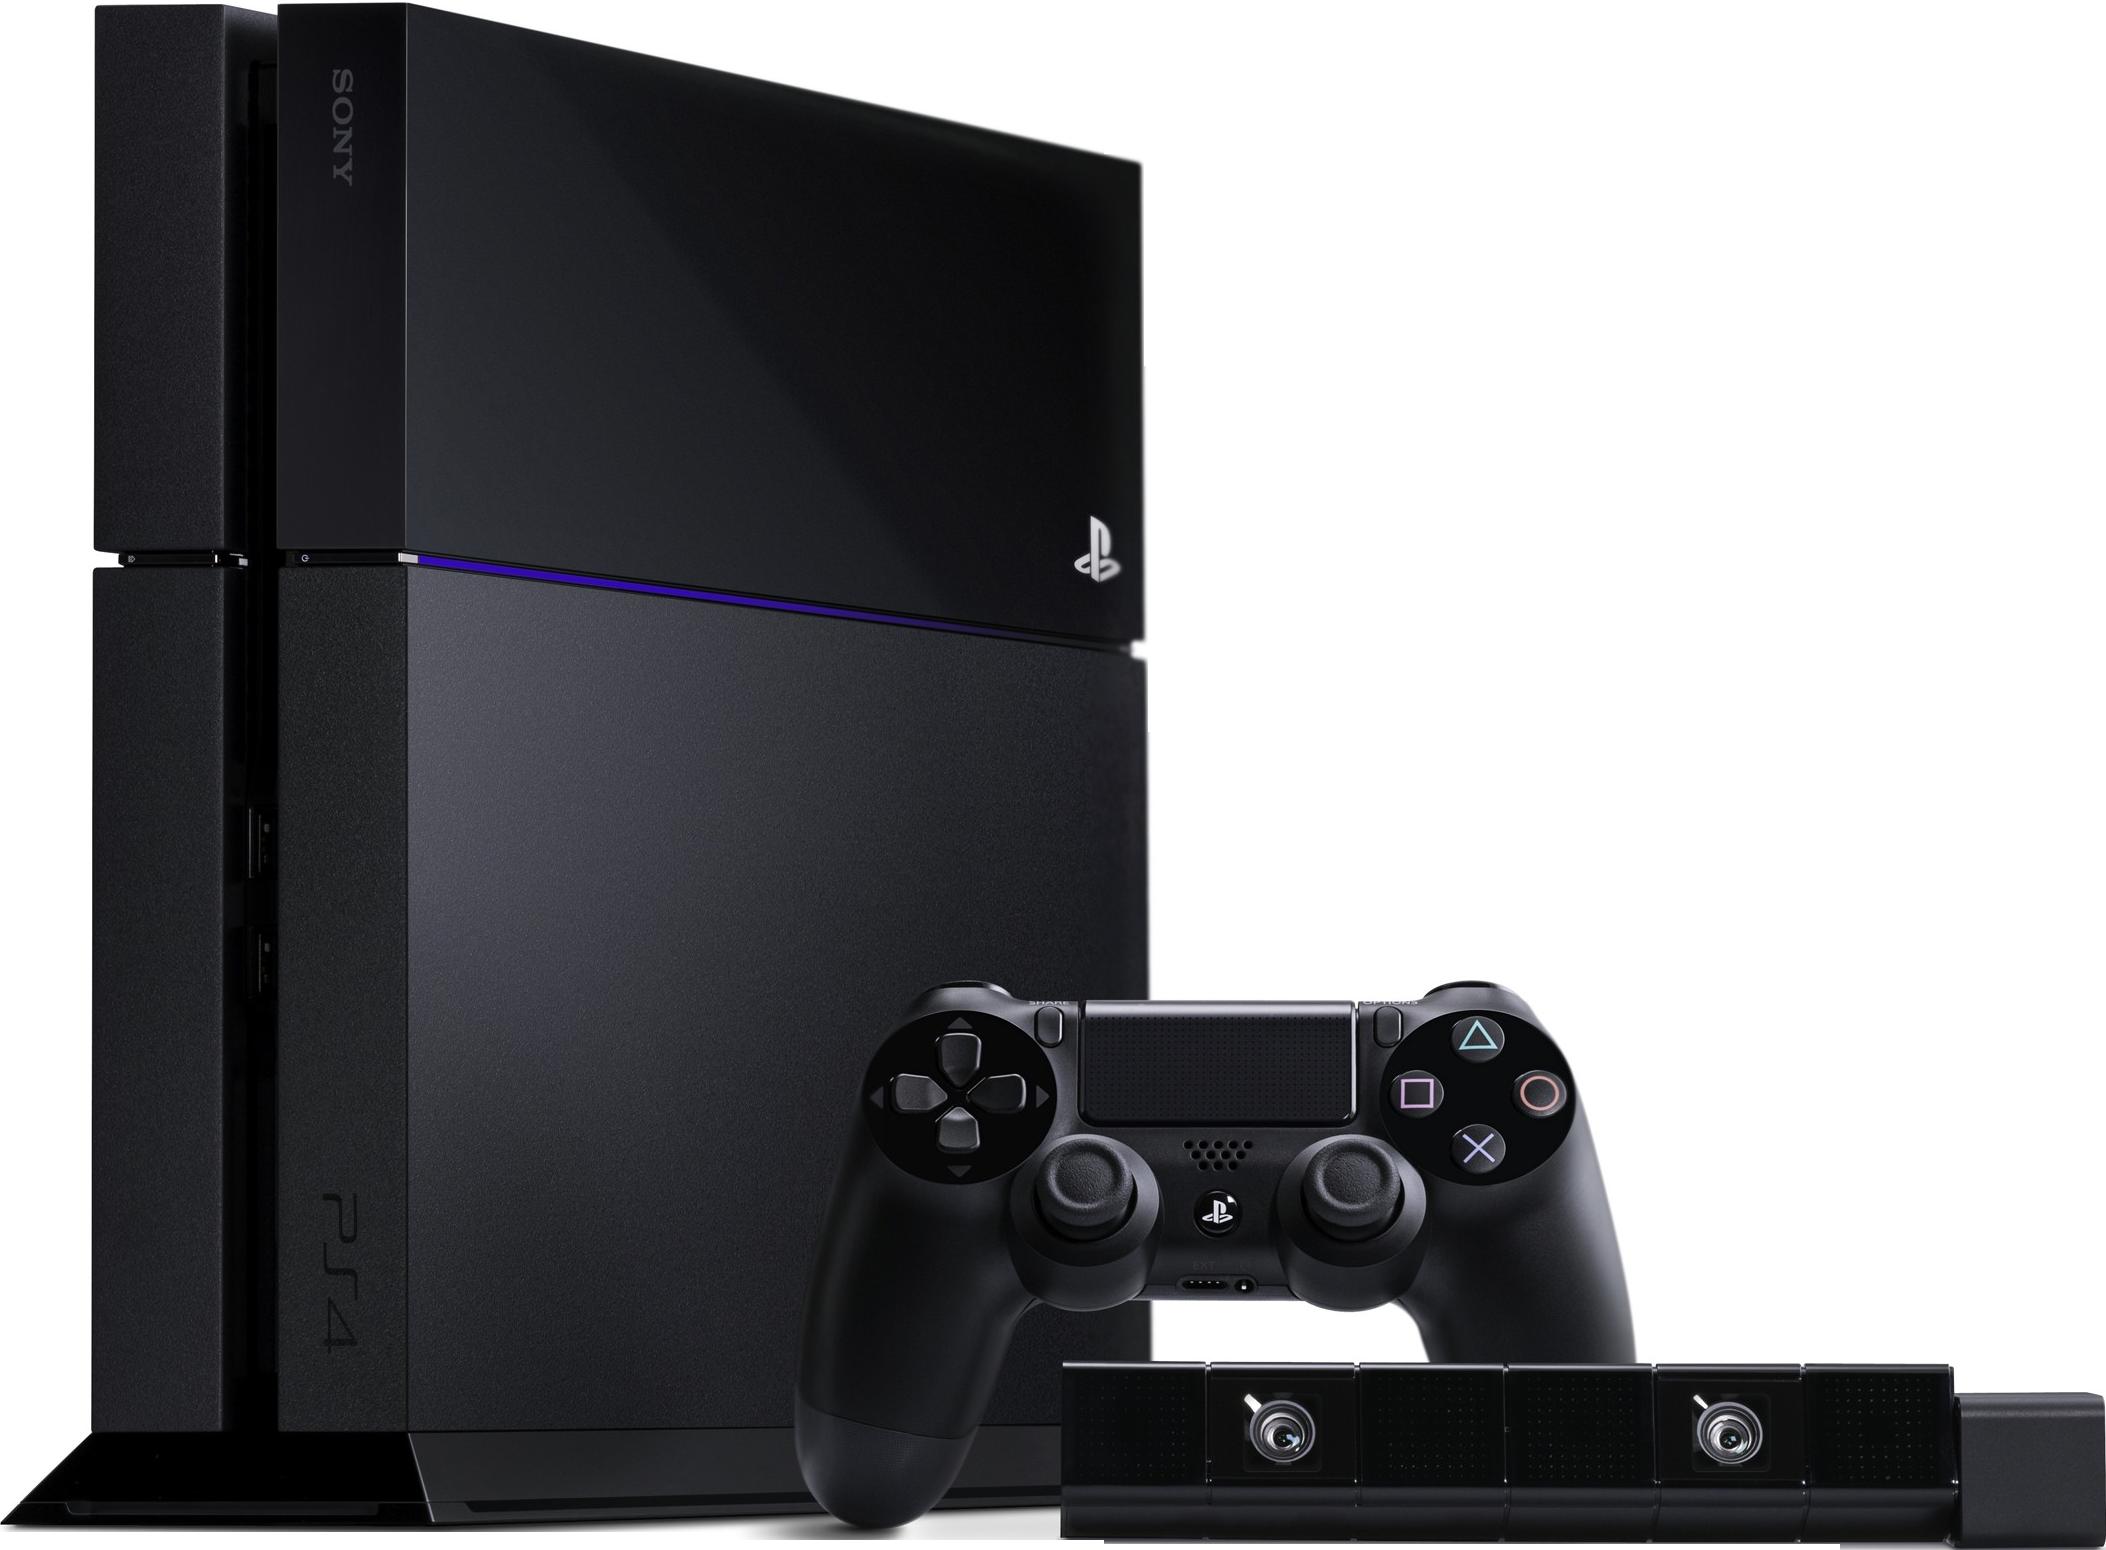 Sony Playstation 4.Лучшая консоль в линейке Playstation или пыль в глаза? - Изображение 4